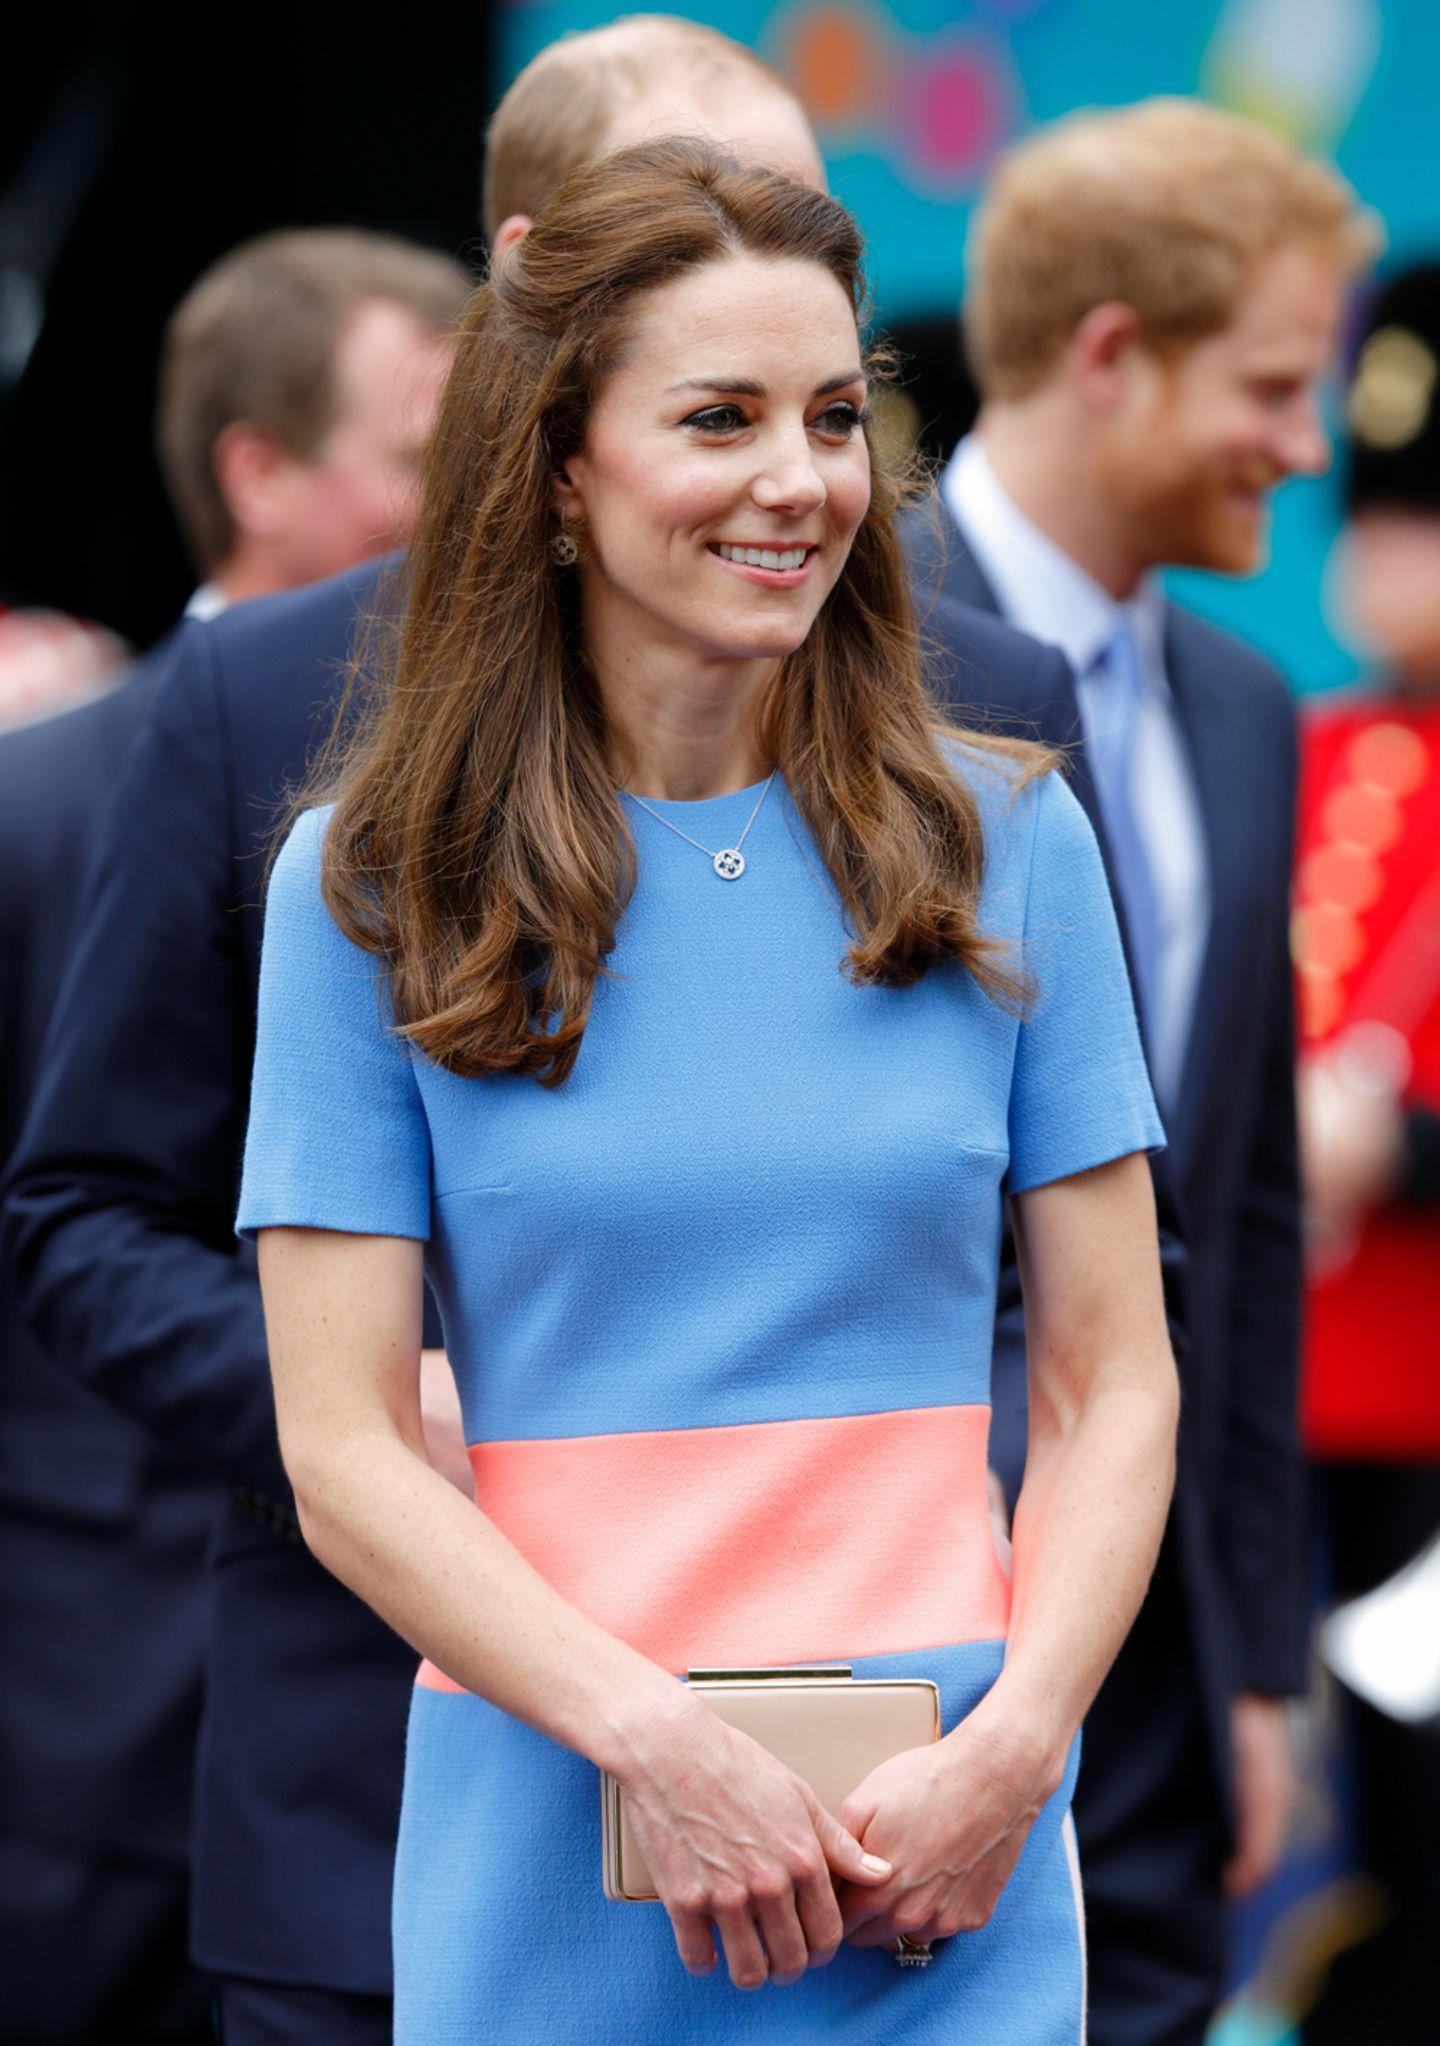 """Es war der krönende Abschluss der Geburtstagsfeiern der Queen: das Mega-Picknick vor dem Buckingham Palace mit 10.000 geladenen Gästen. Beim """"The Patron's Lunch"""" trug Kate ein Kleid von Roksanda Ilincic – das """"Marwood Color Block Dress"""" aus Wollkrepp in den Farben Roksanda Blau, Sorbet und Blush. Das Kleid war um die Hälfte auf 490 Pfund reduziert worden. Im Moment ist es ausverkauft. Die kurzen Ärmel waren für das Londoner Nieselwetter vielleicht nicht ideal ..."""